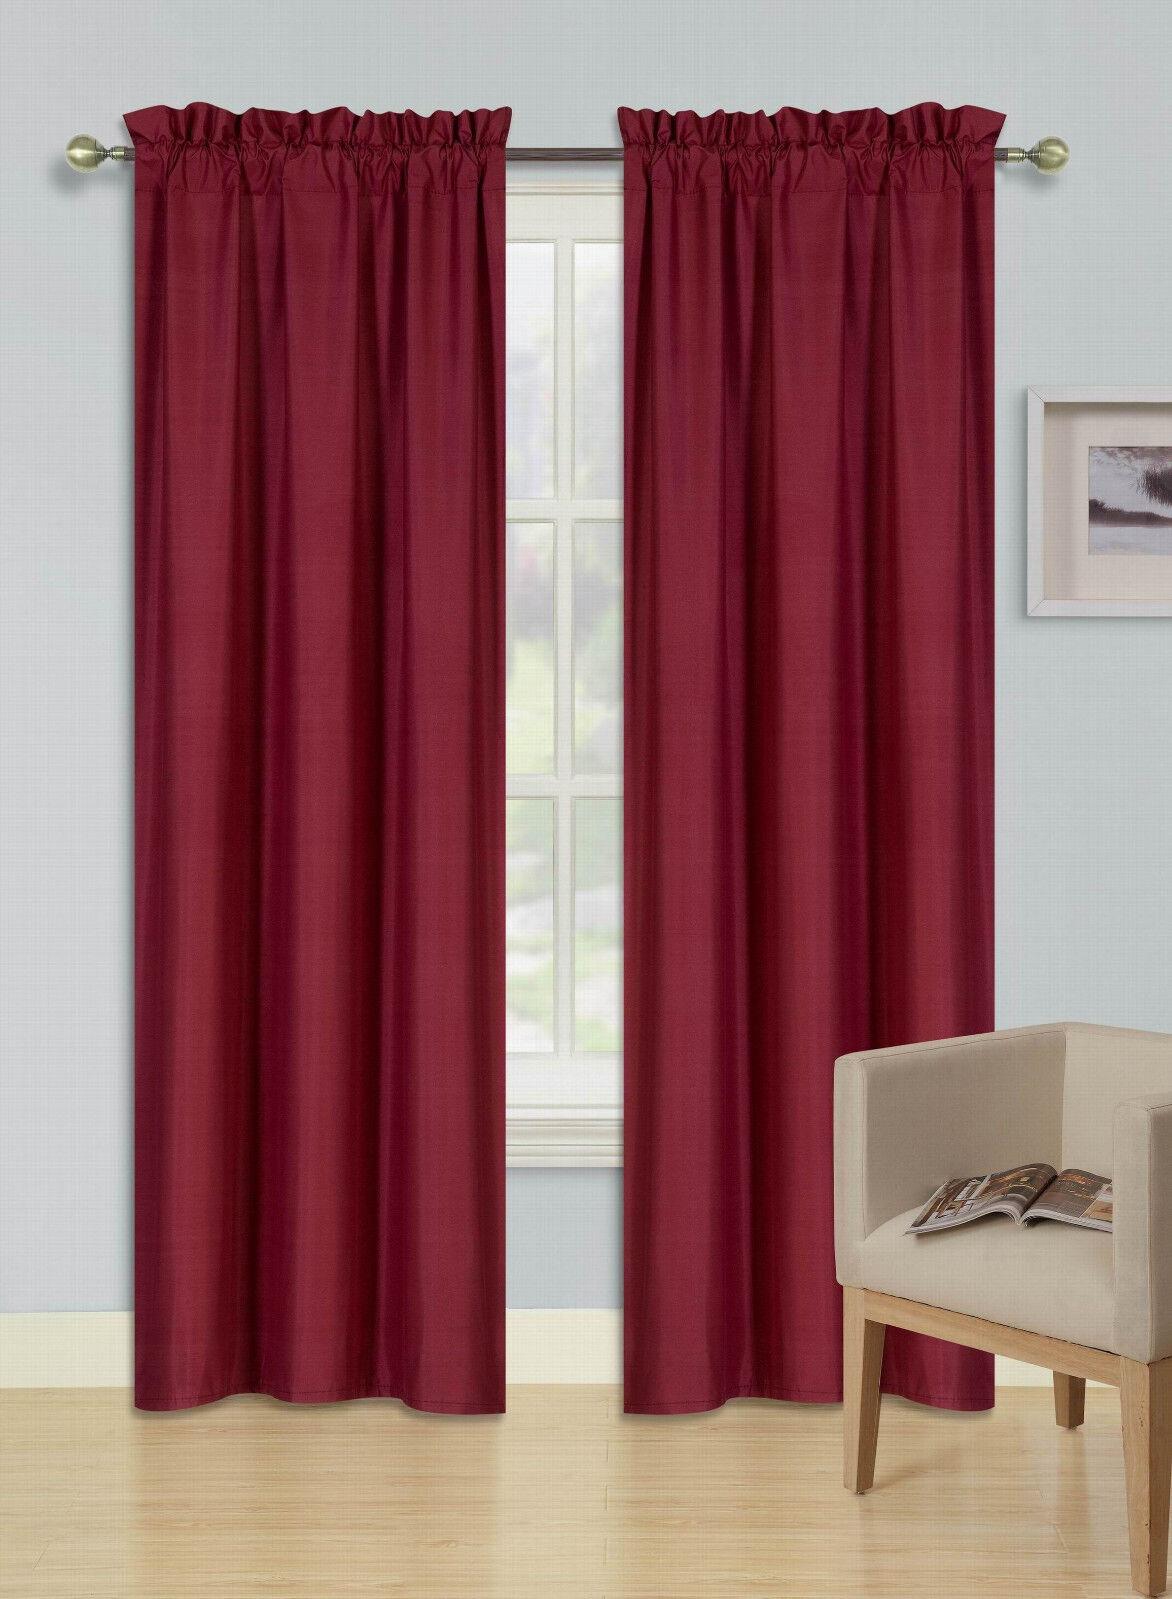 2 Rod Pocket Foam Lined Thermal Blackout Window Curtain Drap